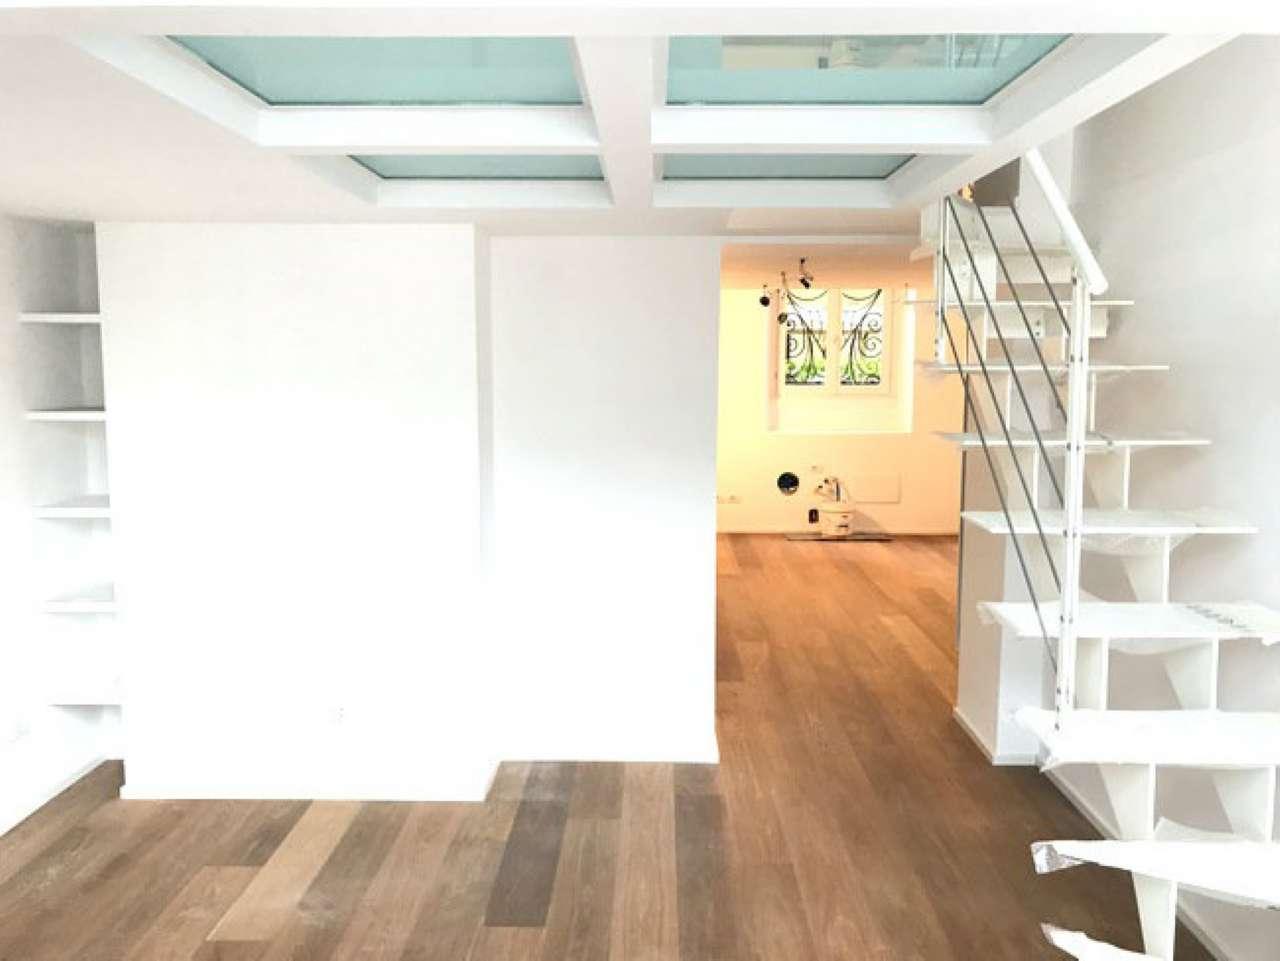 Appartamento in vendita 3 vani 70 mq.  via Mose bianchi Milano